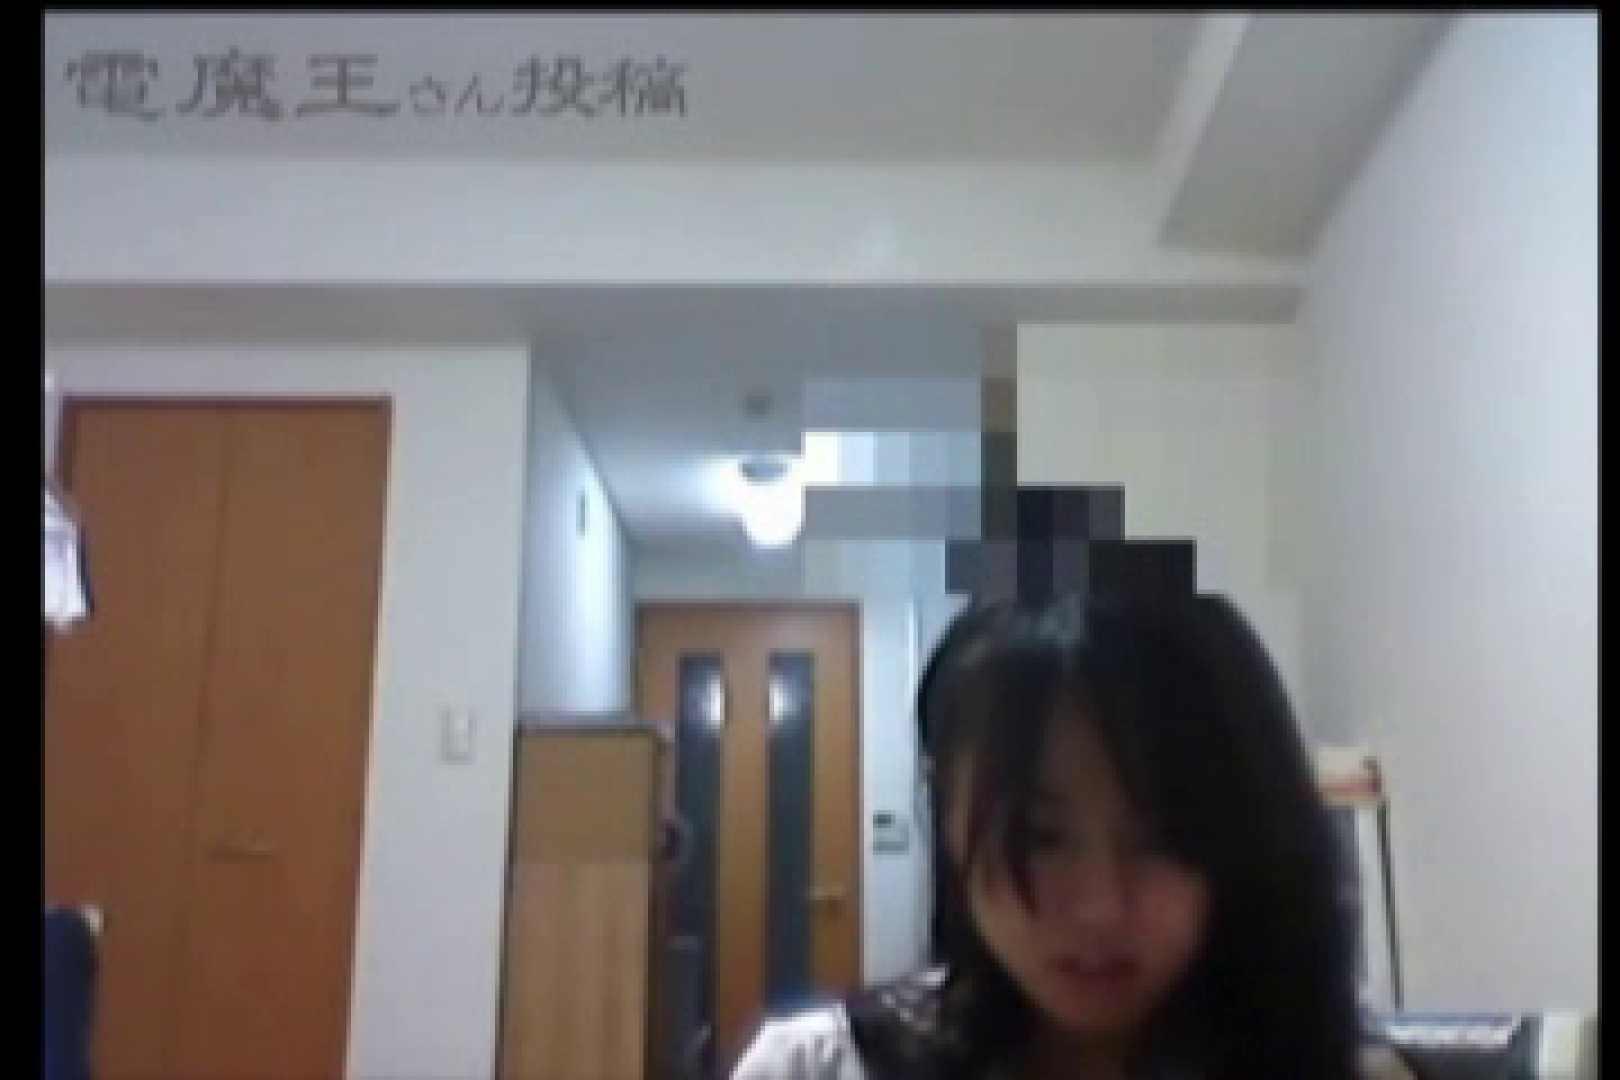 電魔王さんの「隠撮の部屋」ミーナ 隠撮 すけべAV動画紹介 105pic 29